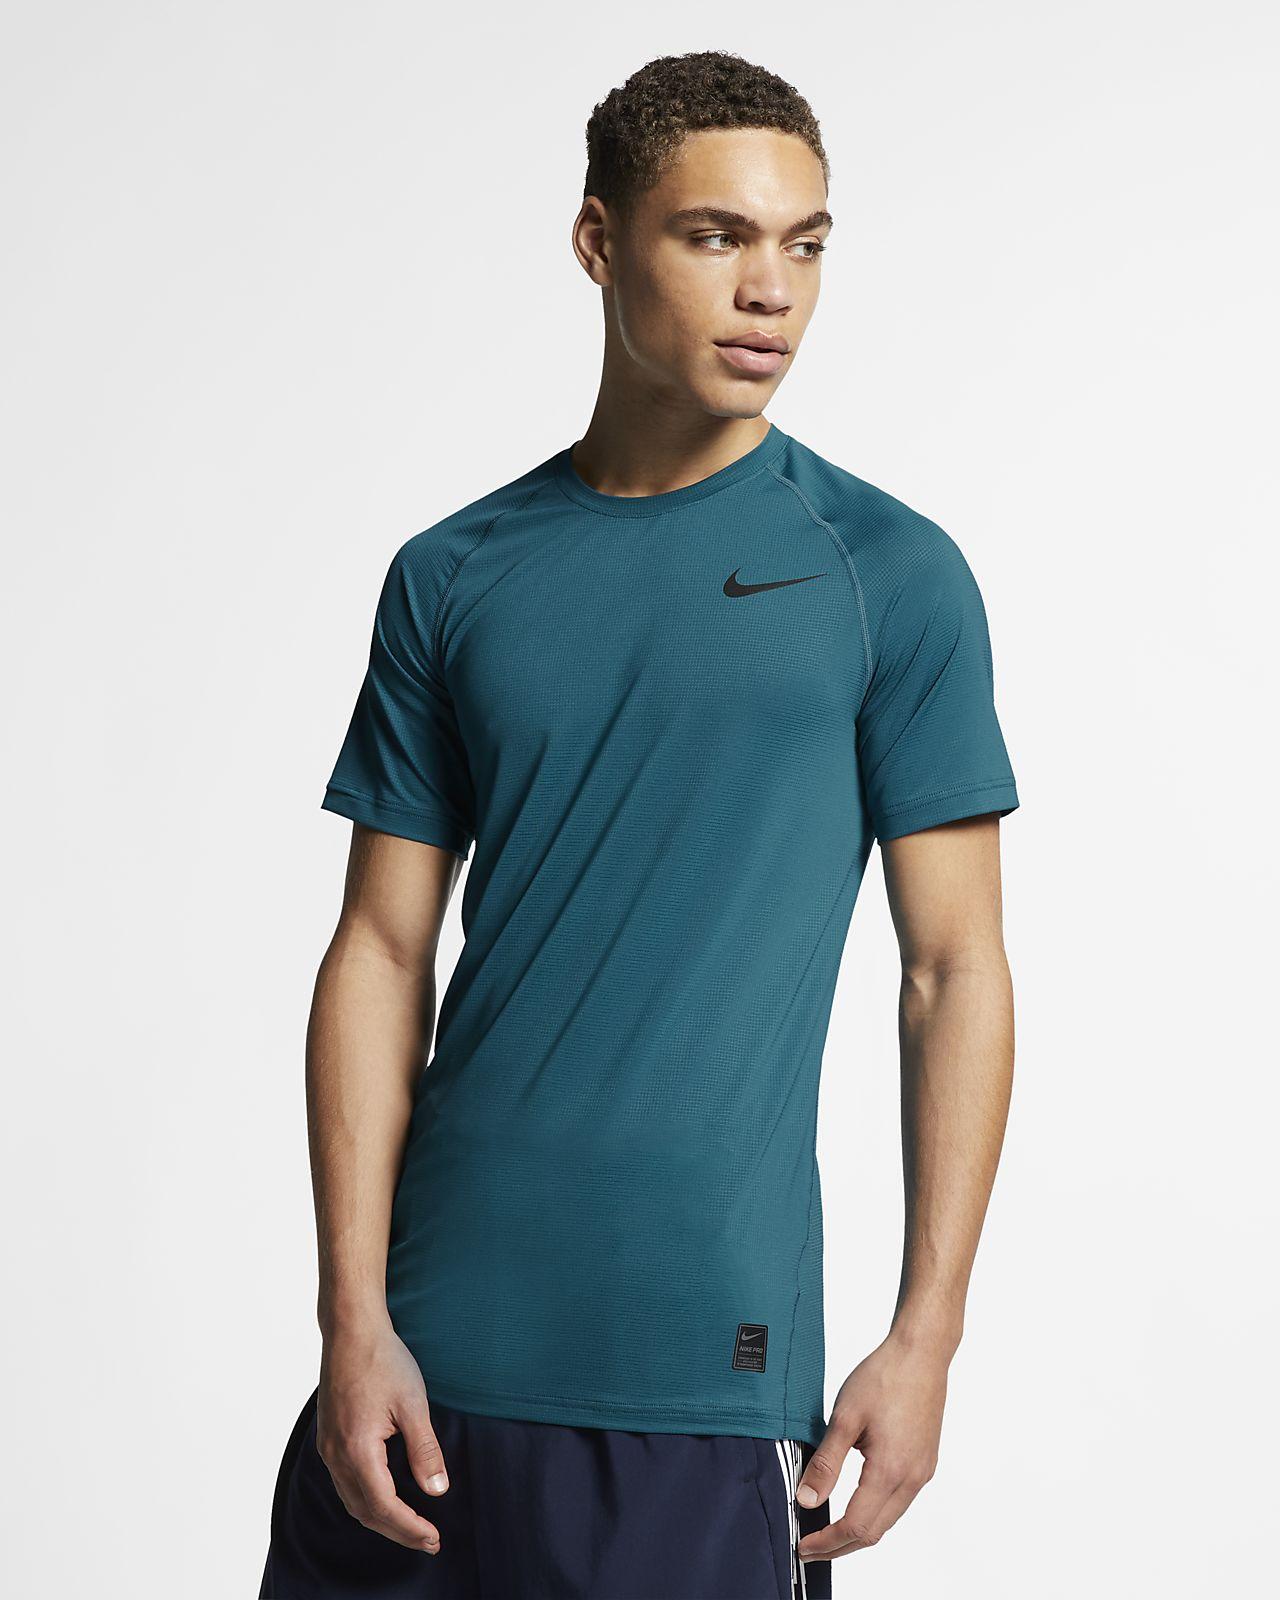 Nike Breathe Pro Kısa Kollu Erkek Üstü